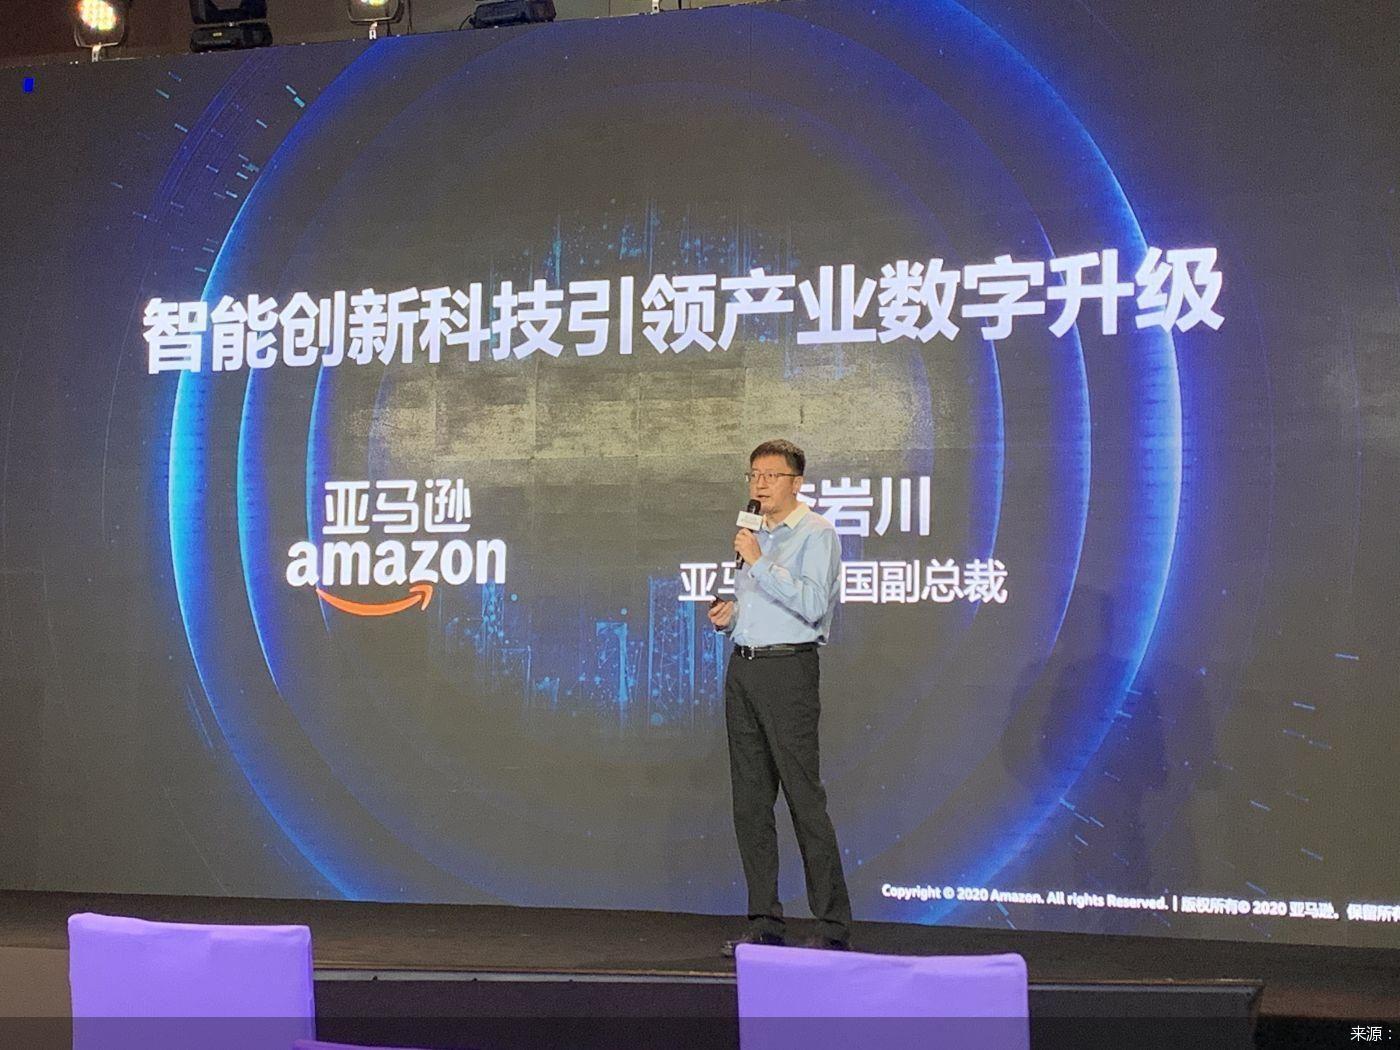 亚马逊中国:继续在中国市场投资